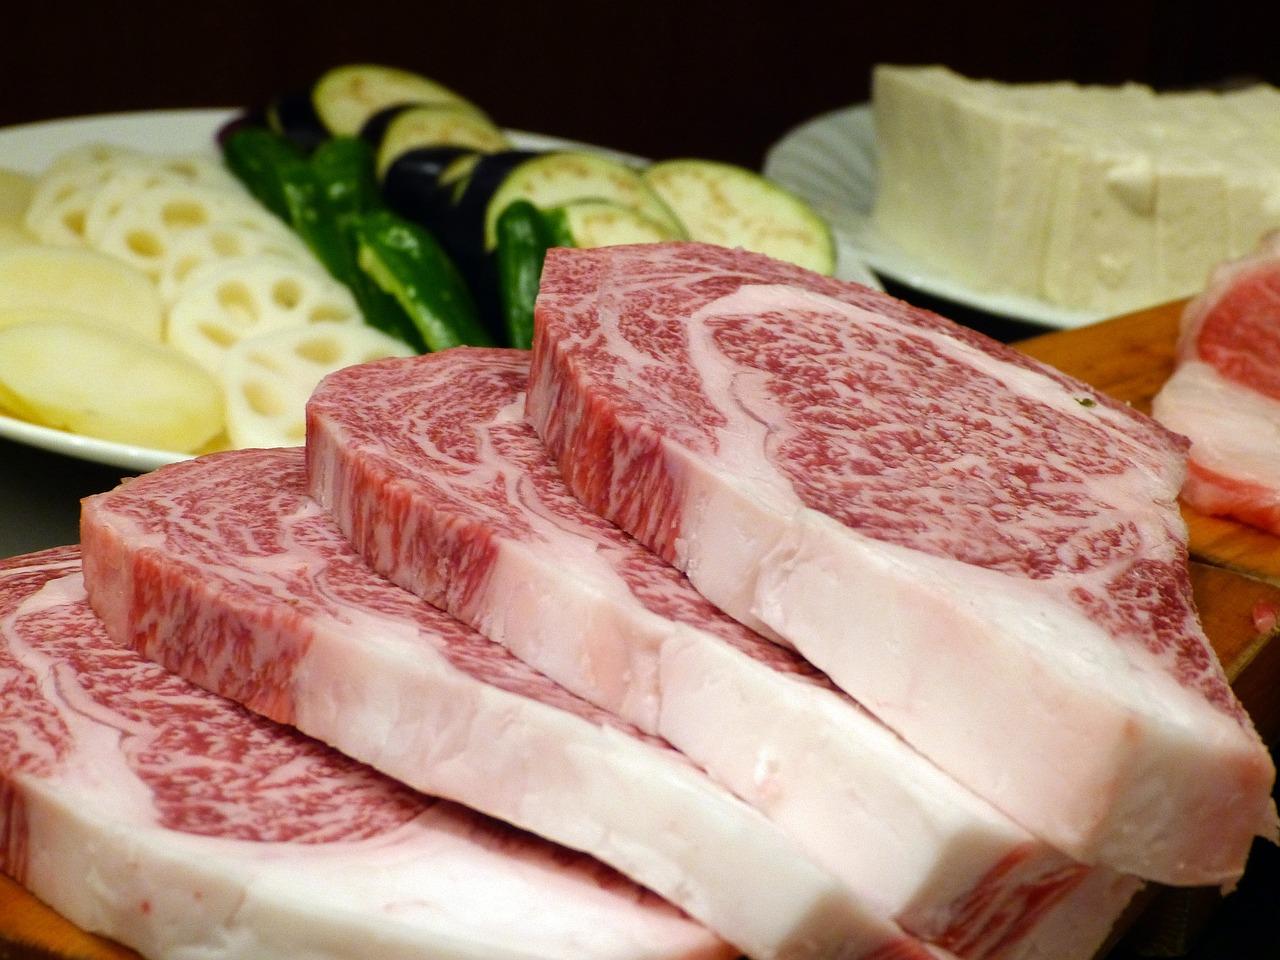 carne de wagyu - vaca japonesa